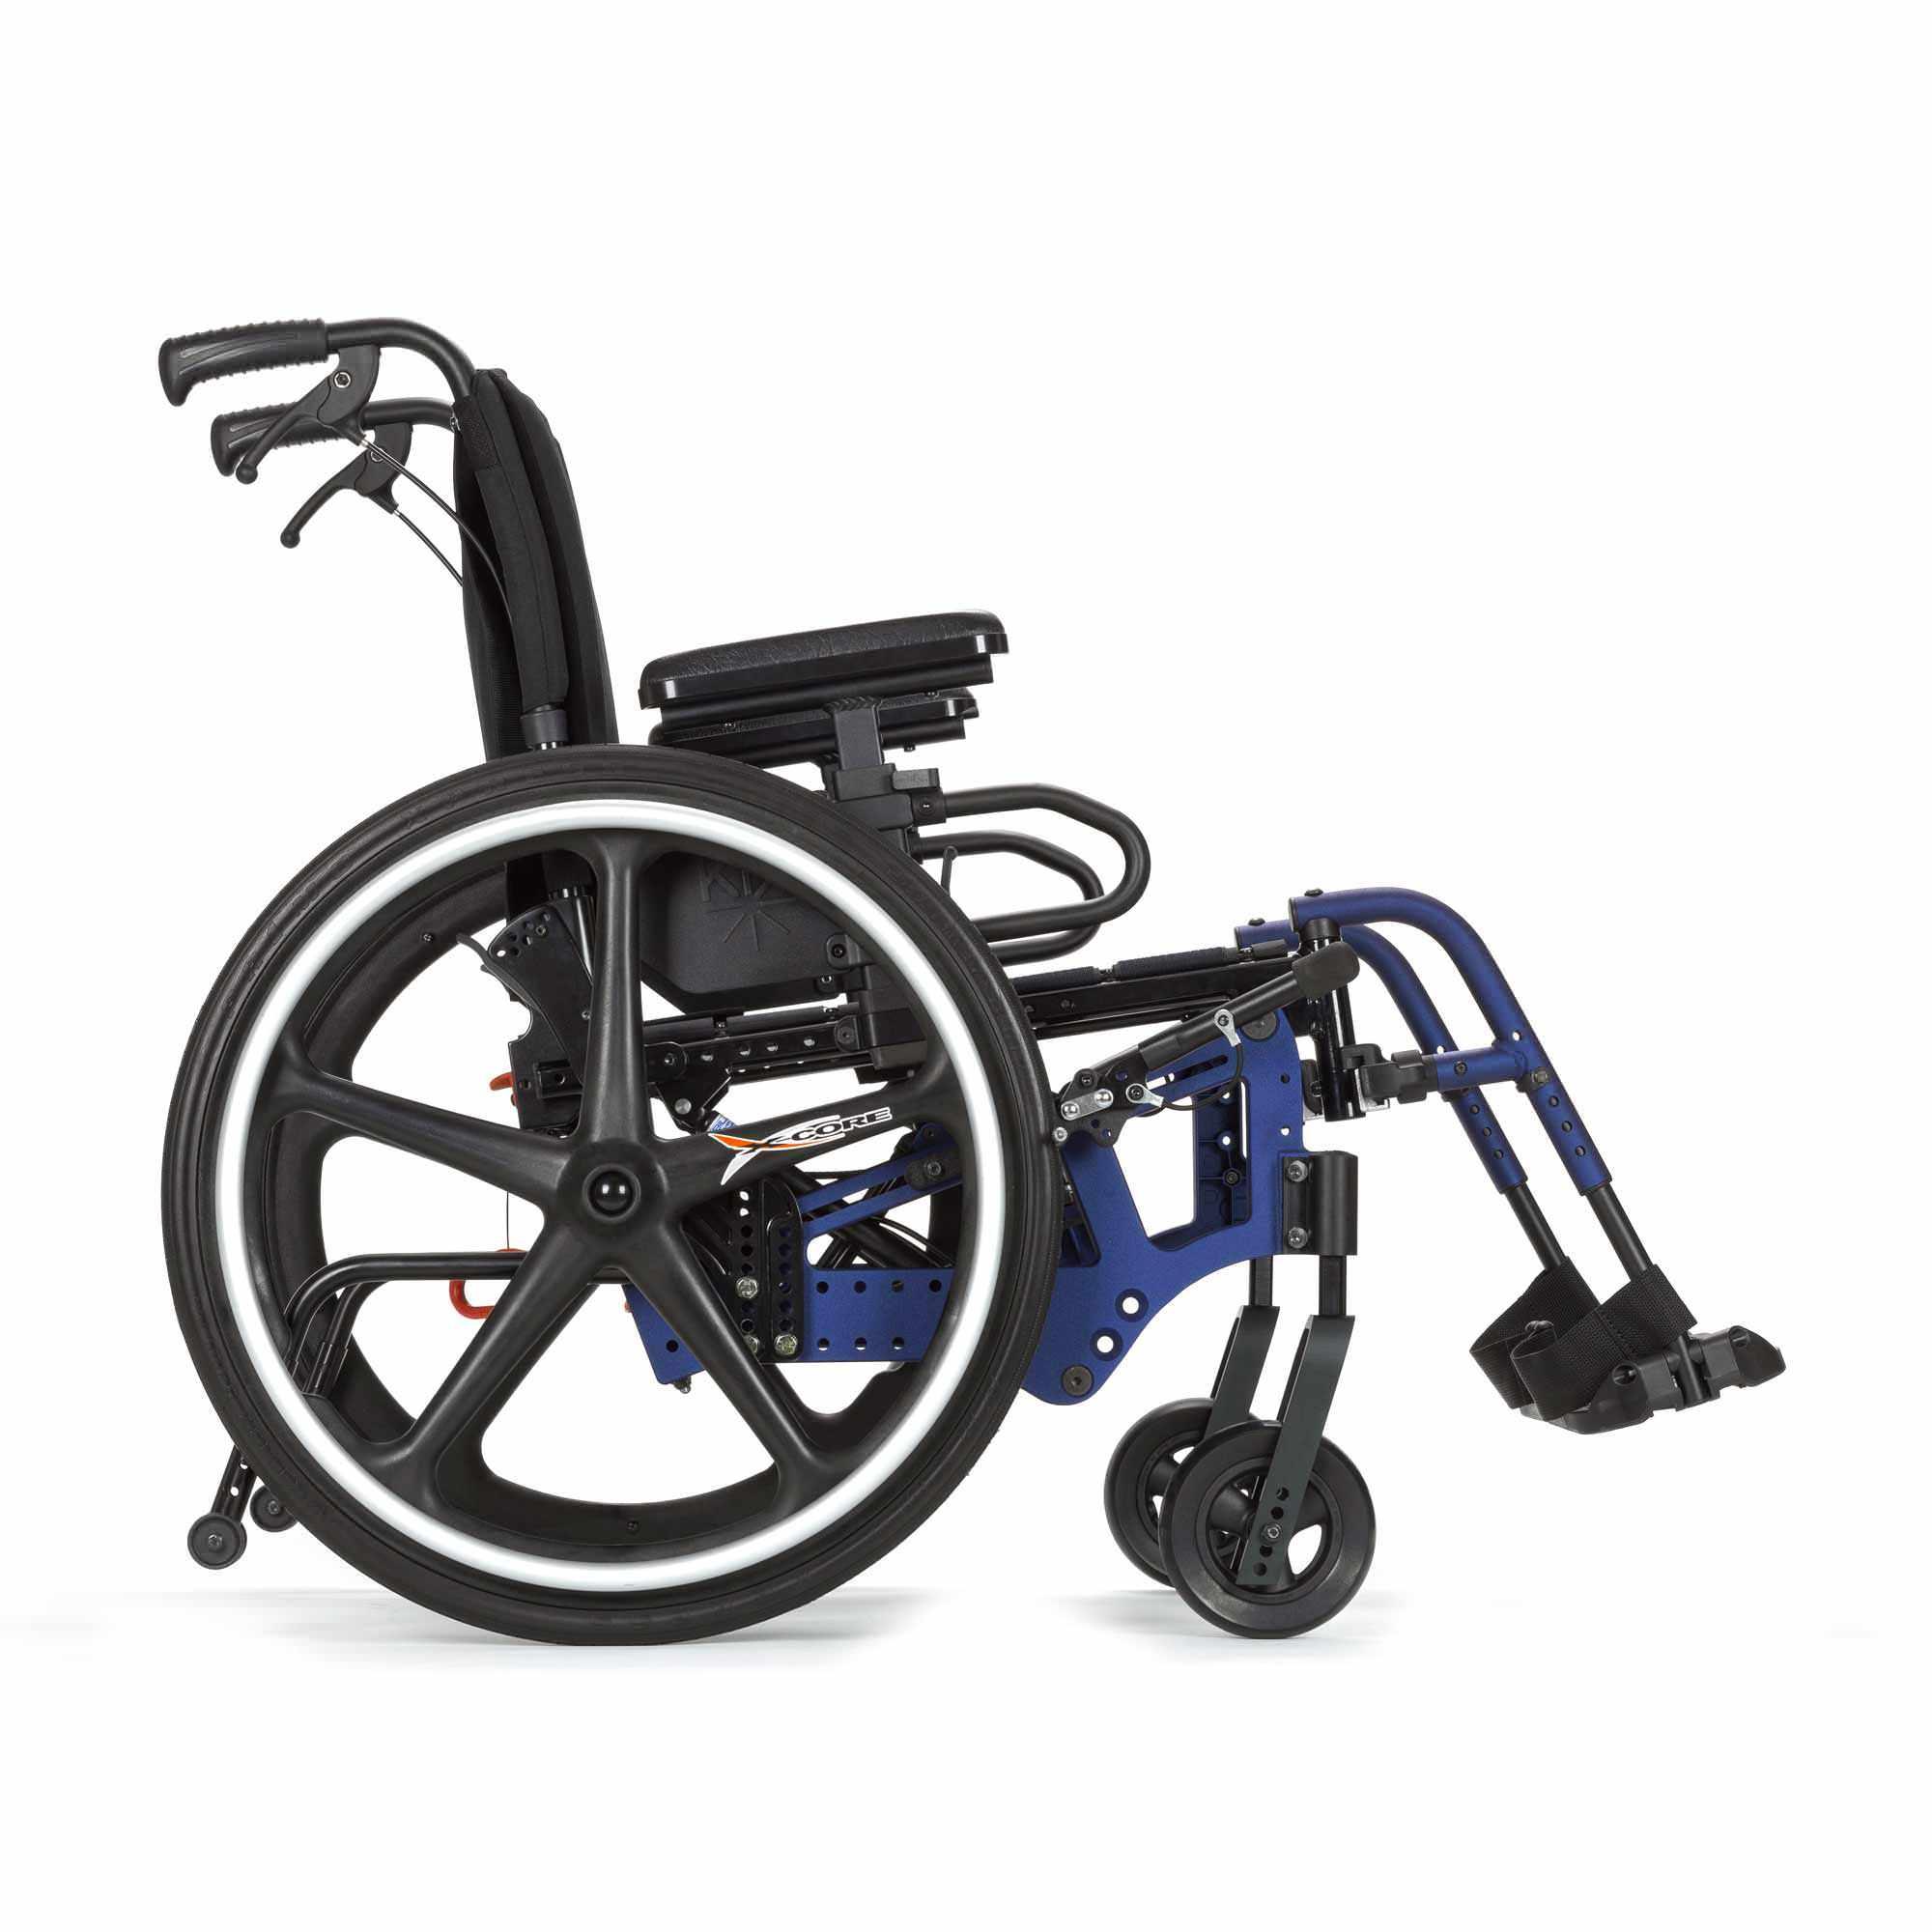 Ki mobility Liberty FT side view